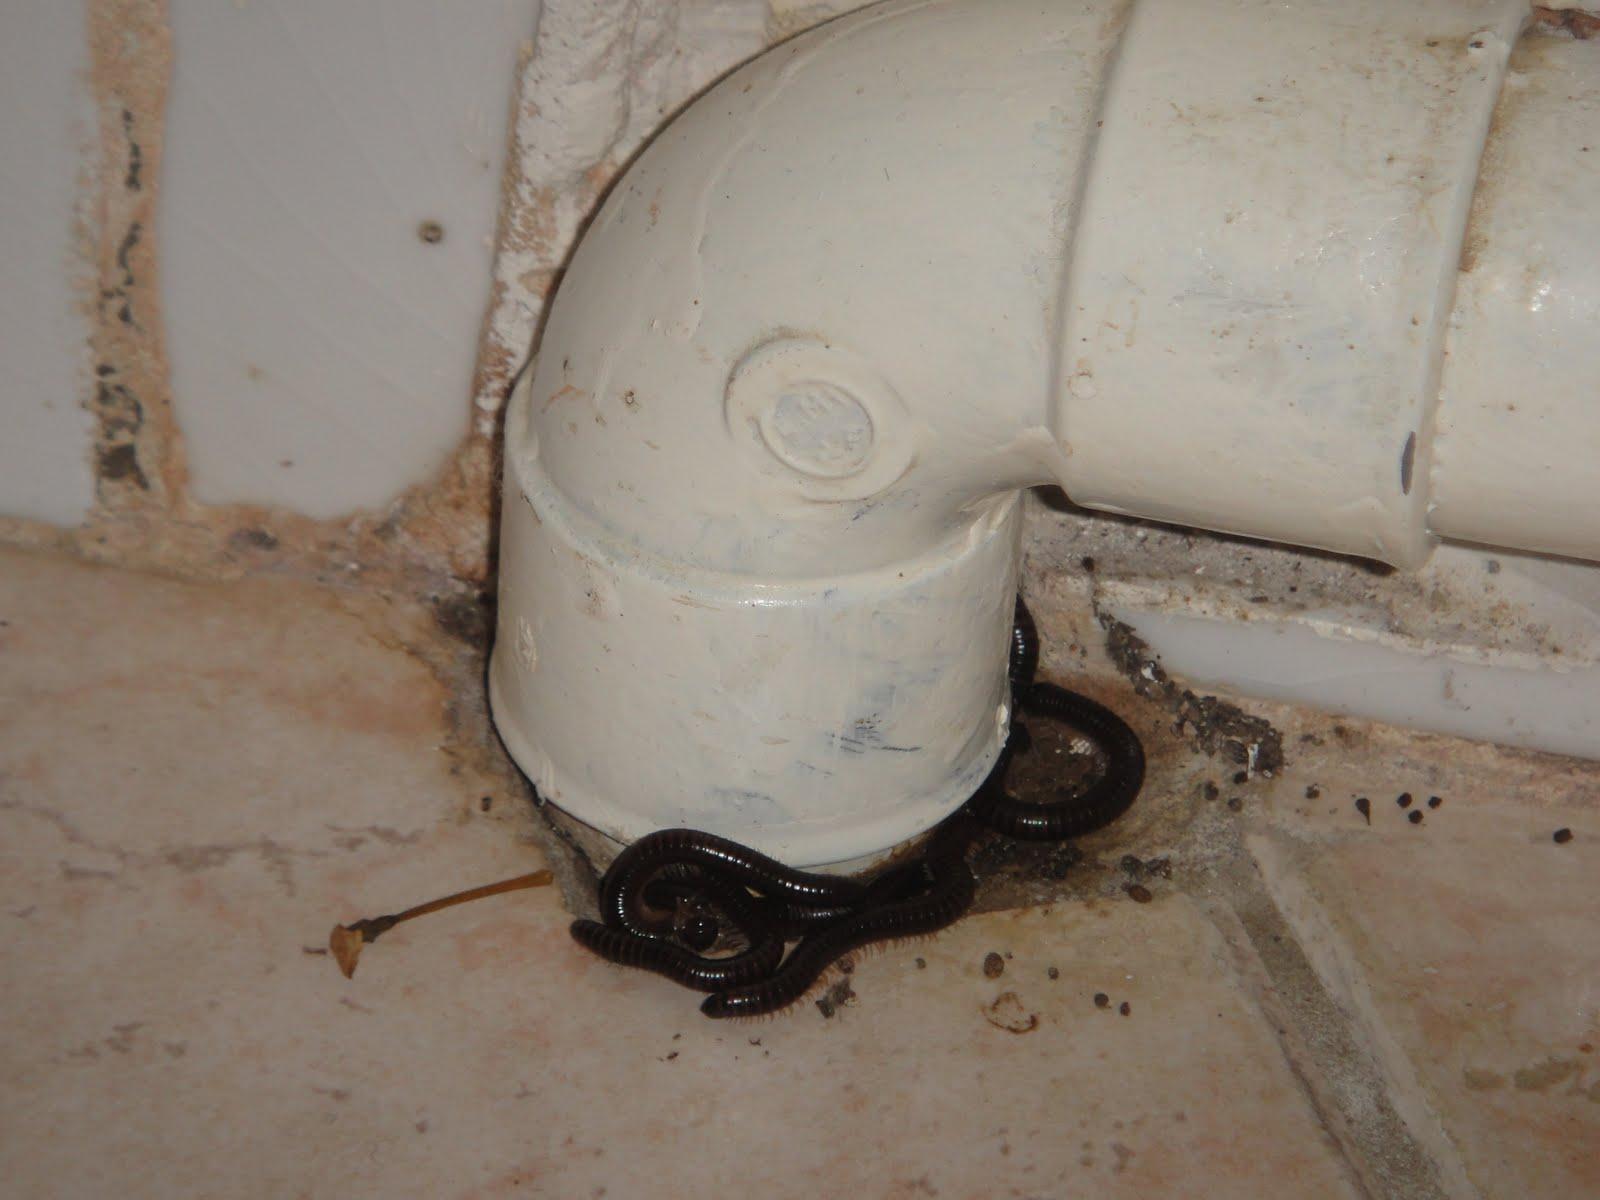 Insecte Salle De Bain Poisson D'Argent ~ bete d humidit de droles de petites betes sur mon chantier